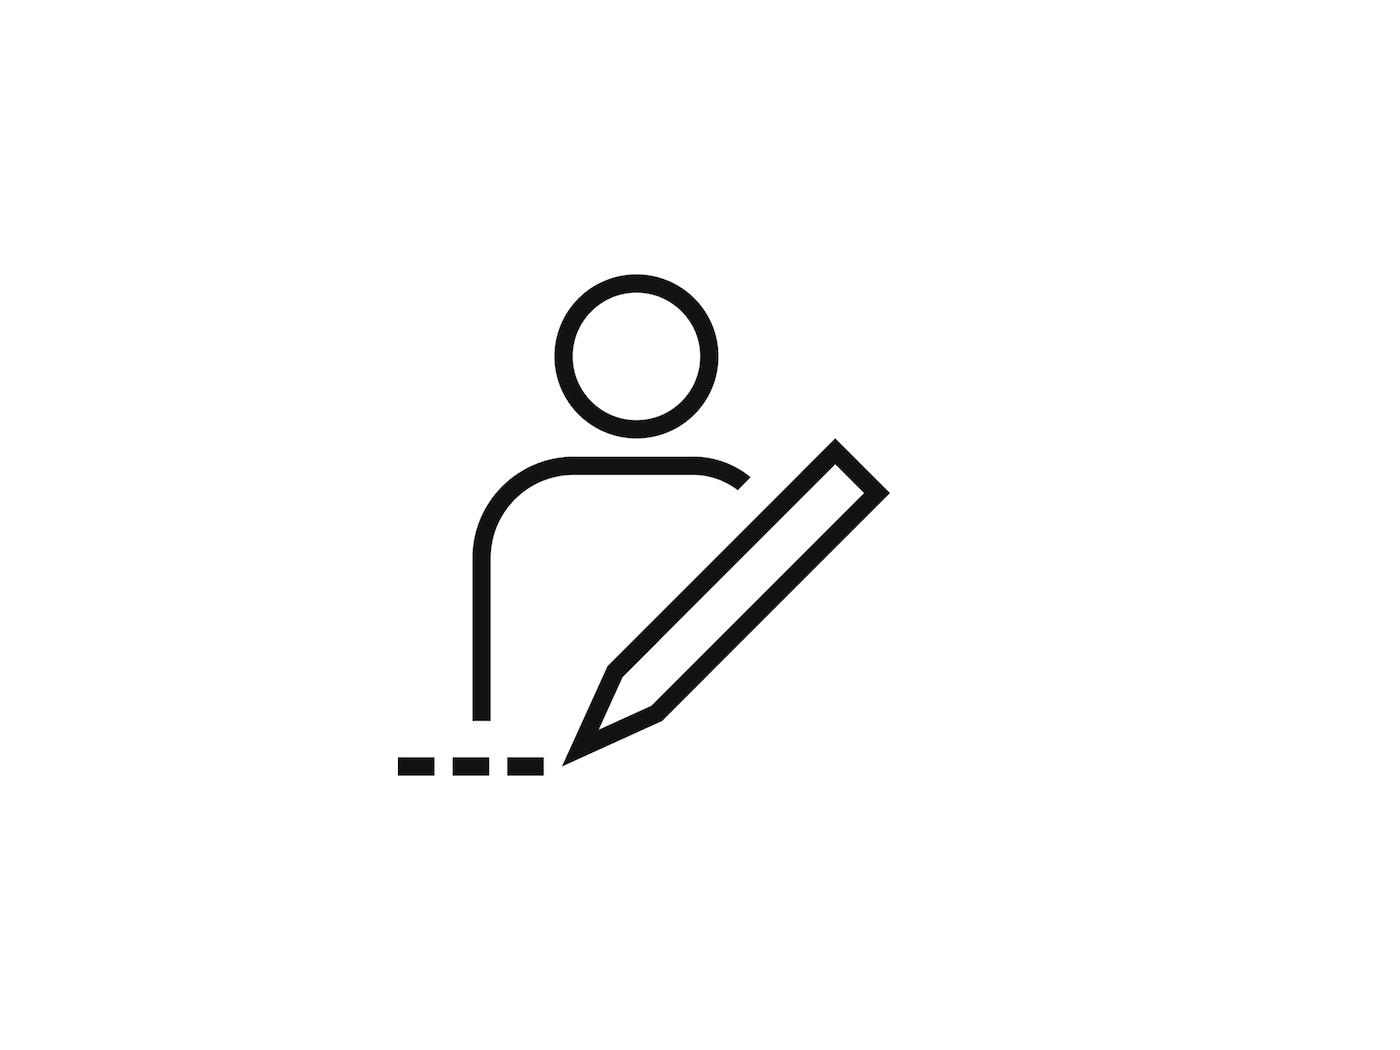 Obrázok človeka s ceruzkou, ktorý symbolizuje plánovanie.